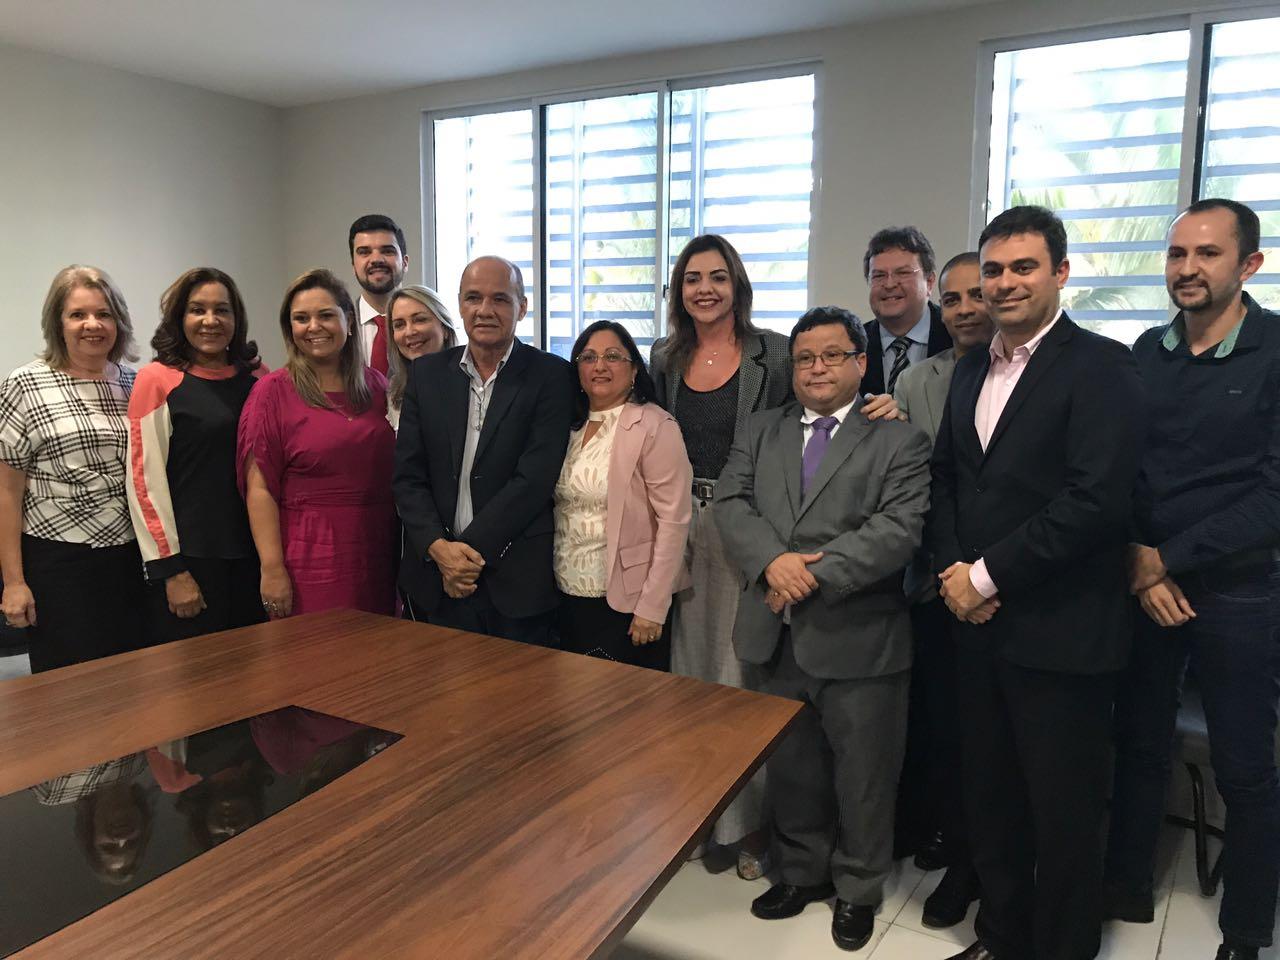 OAB-RN e Prefeitura de Parnamirim firmam convênio do Setembro Cidadão